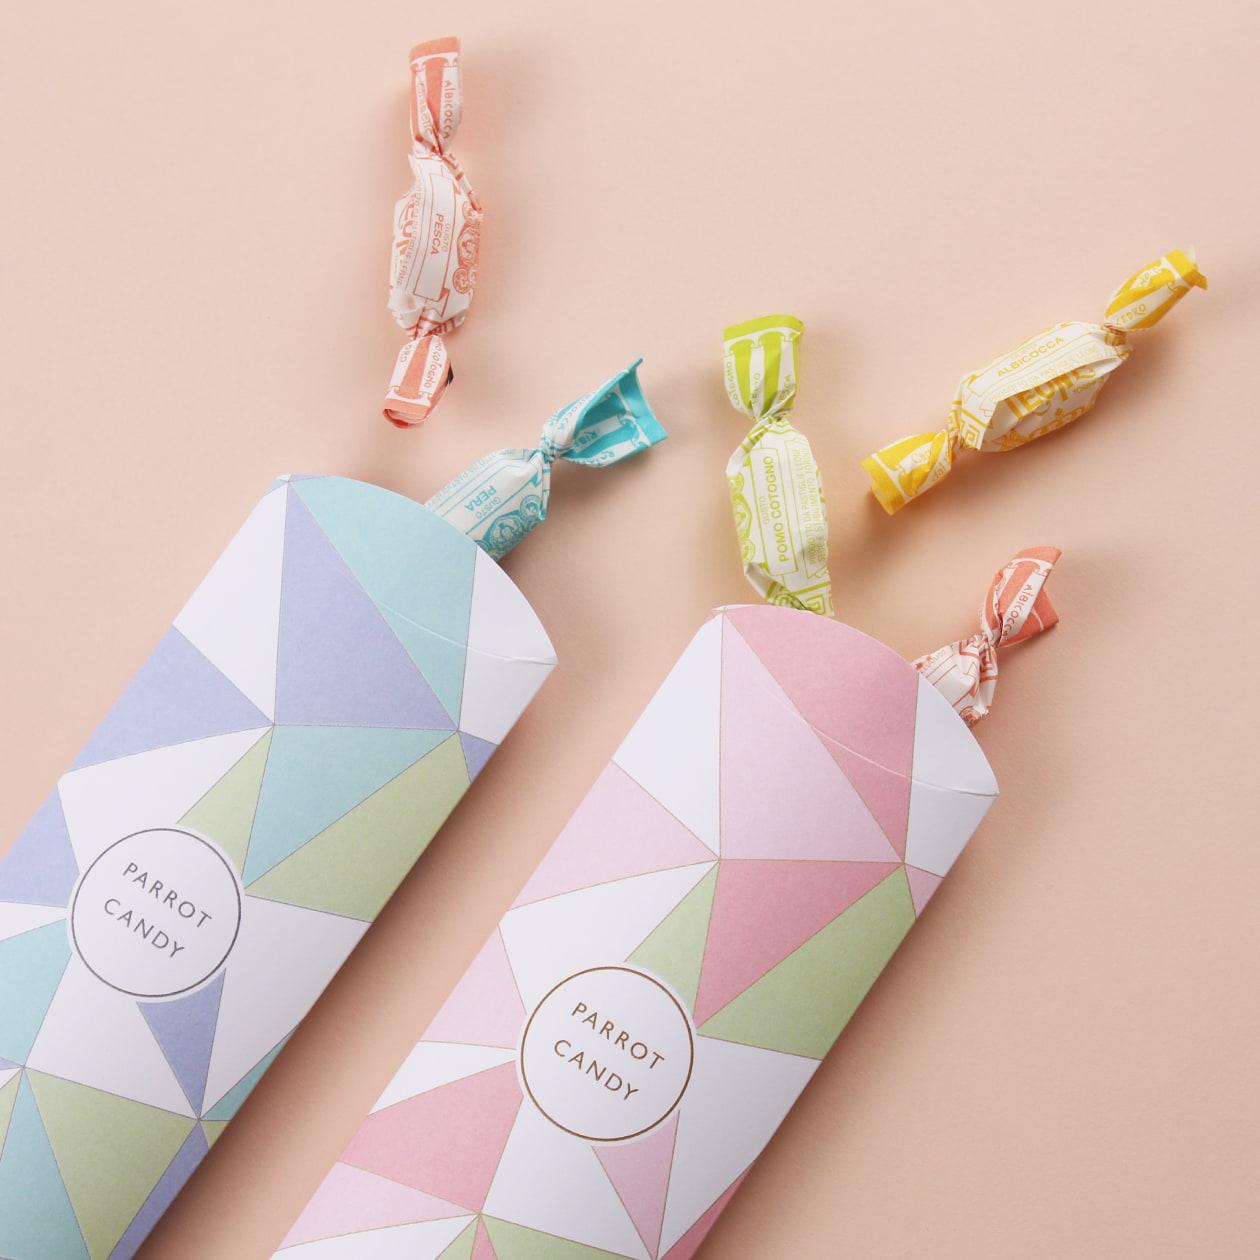 キャンディメーカーの商品パッケージ